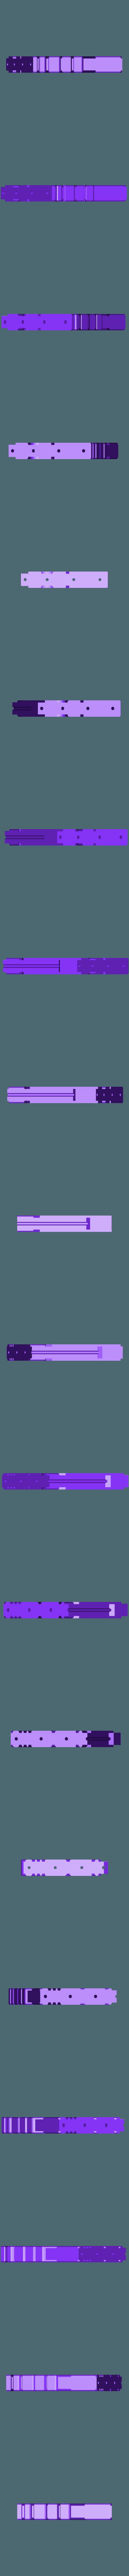 300x300x350 - Black - Blade - Part 5 (Final Fantasy 7 - PS4 remake).stl Download STL file Final Fantasy VII - Buster Sword - Bracelet - Shoulder pad  • 3D print model, 3Dutchie